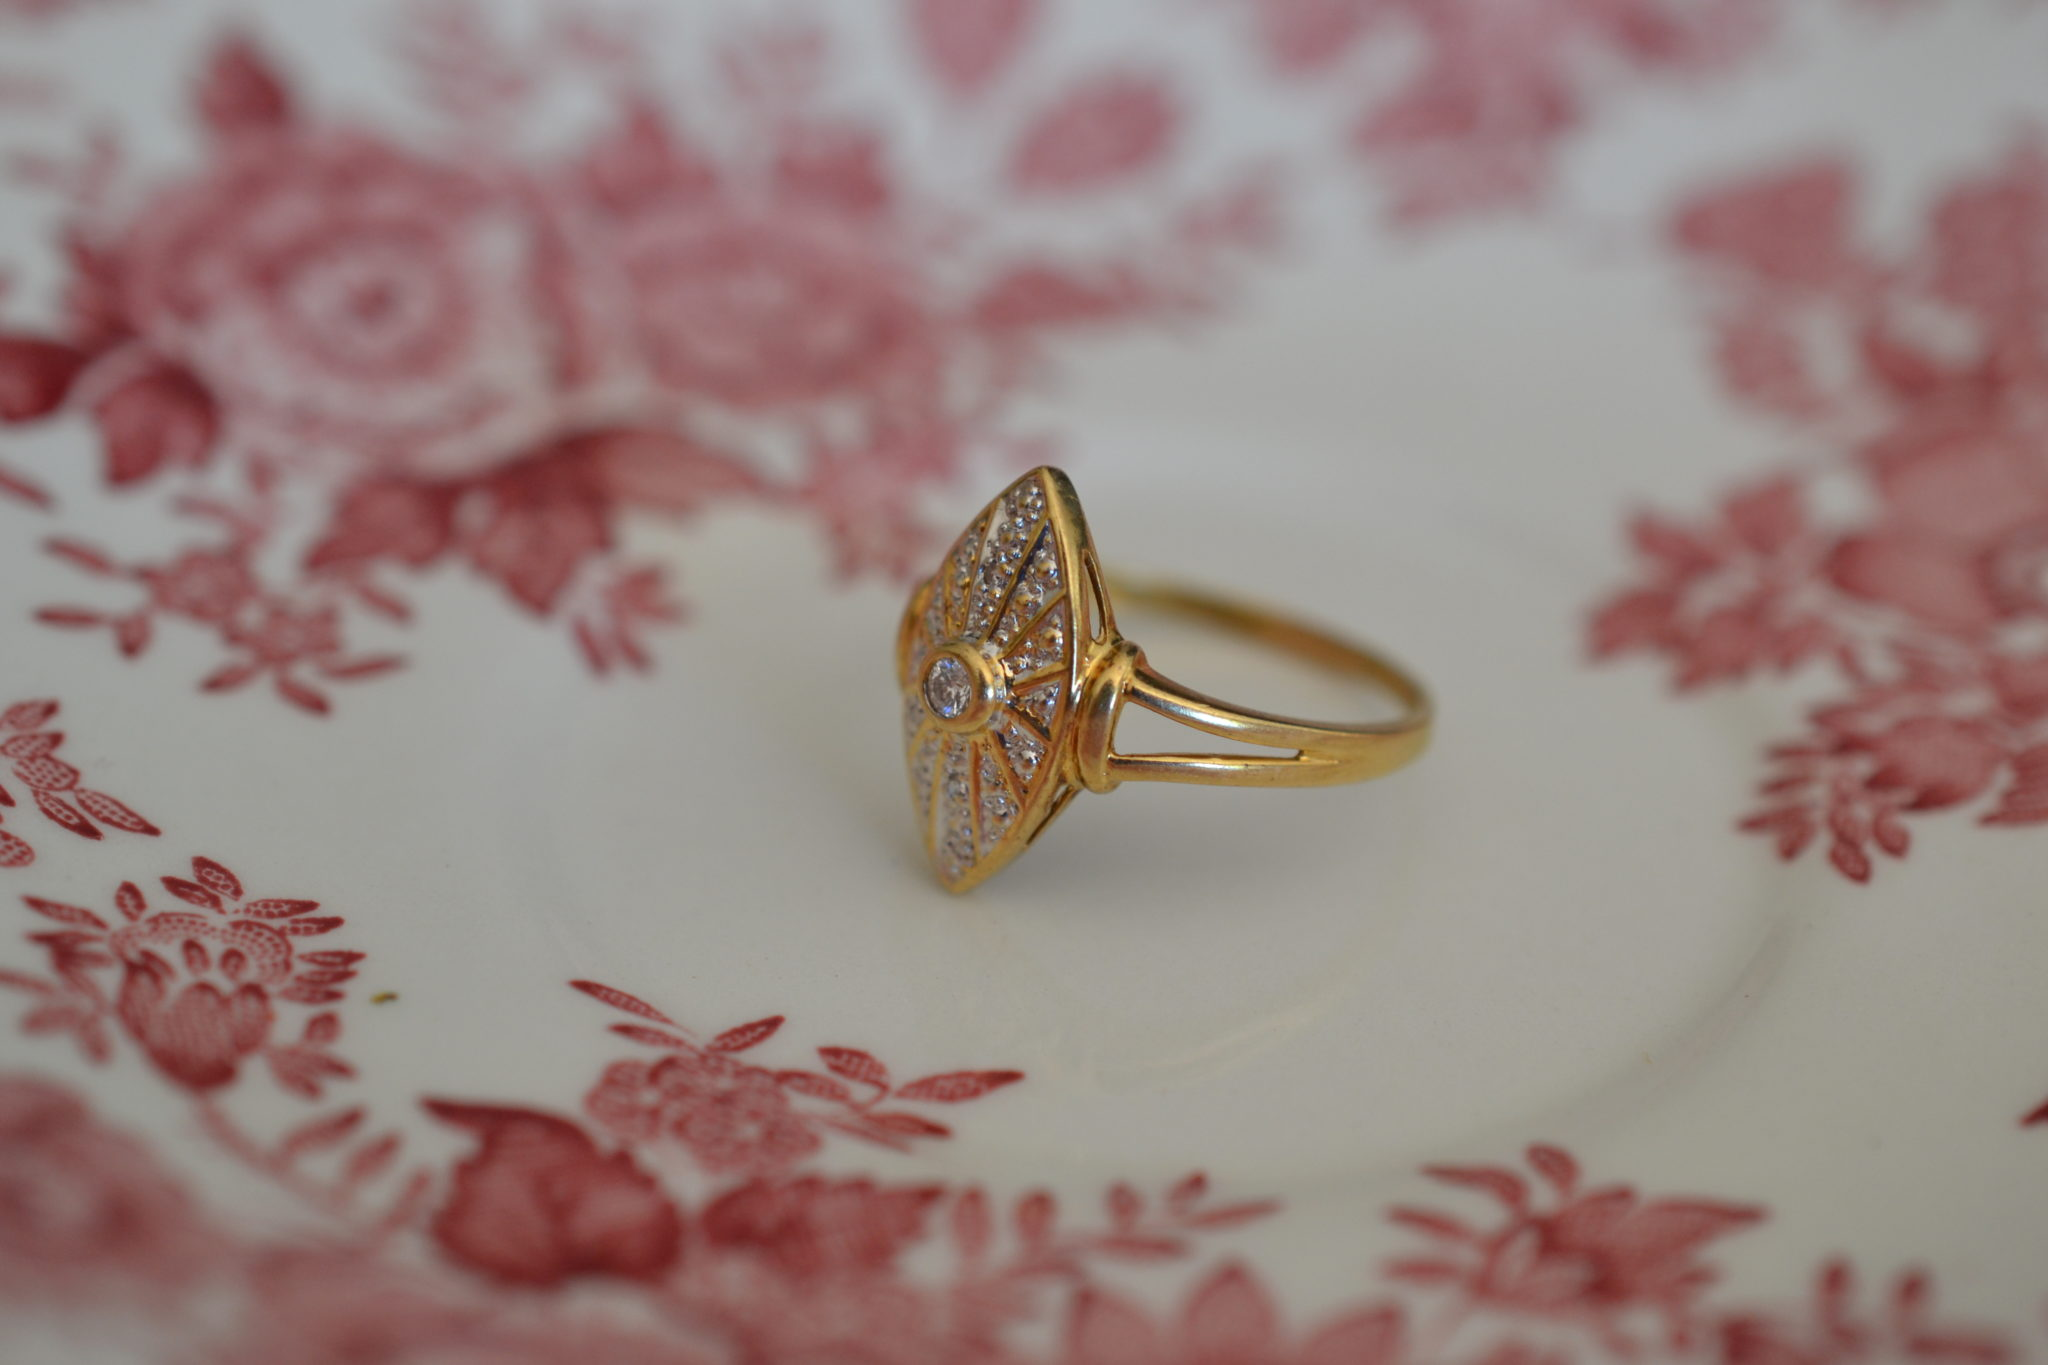 Bague Marquise Recouverte Et Centrée De Diamants - En Or Jaune 18 Carats - Bague Ancienne Fiançailles Mariage